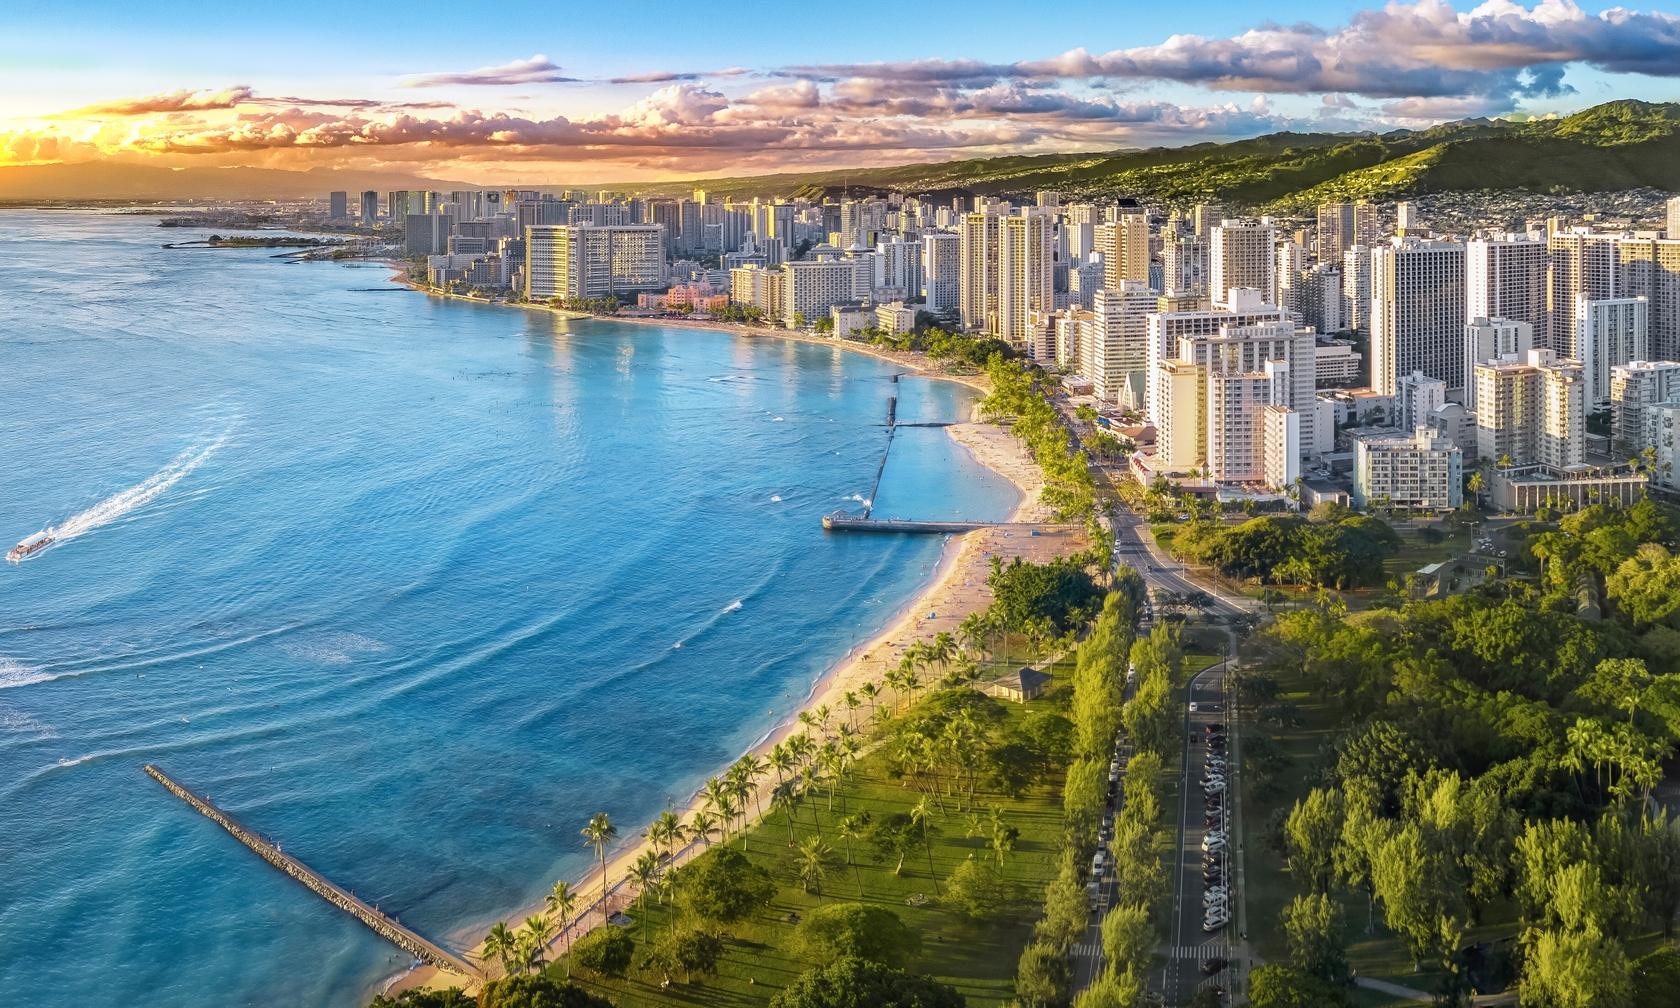 Vacation rental condos in Honolulu